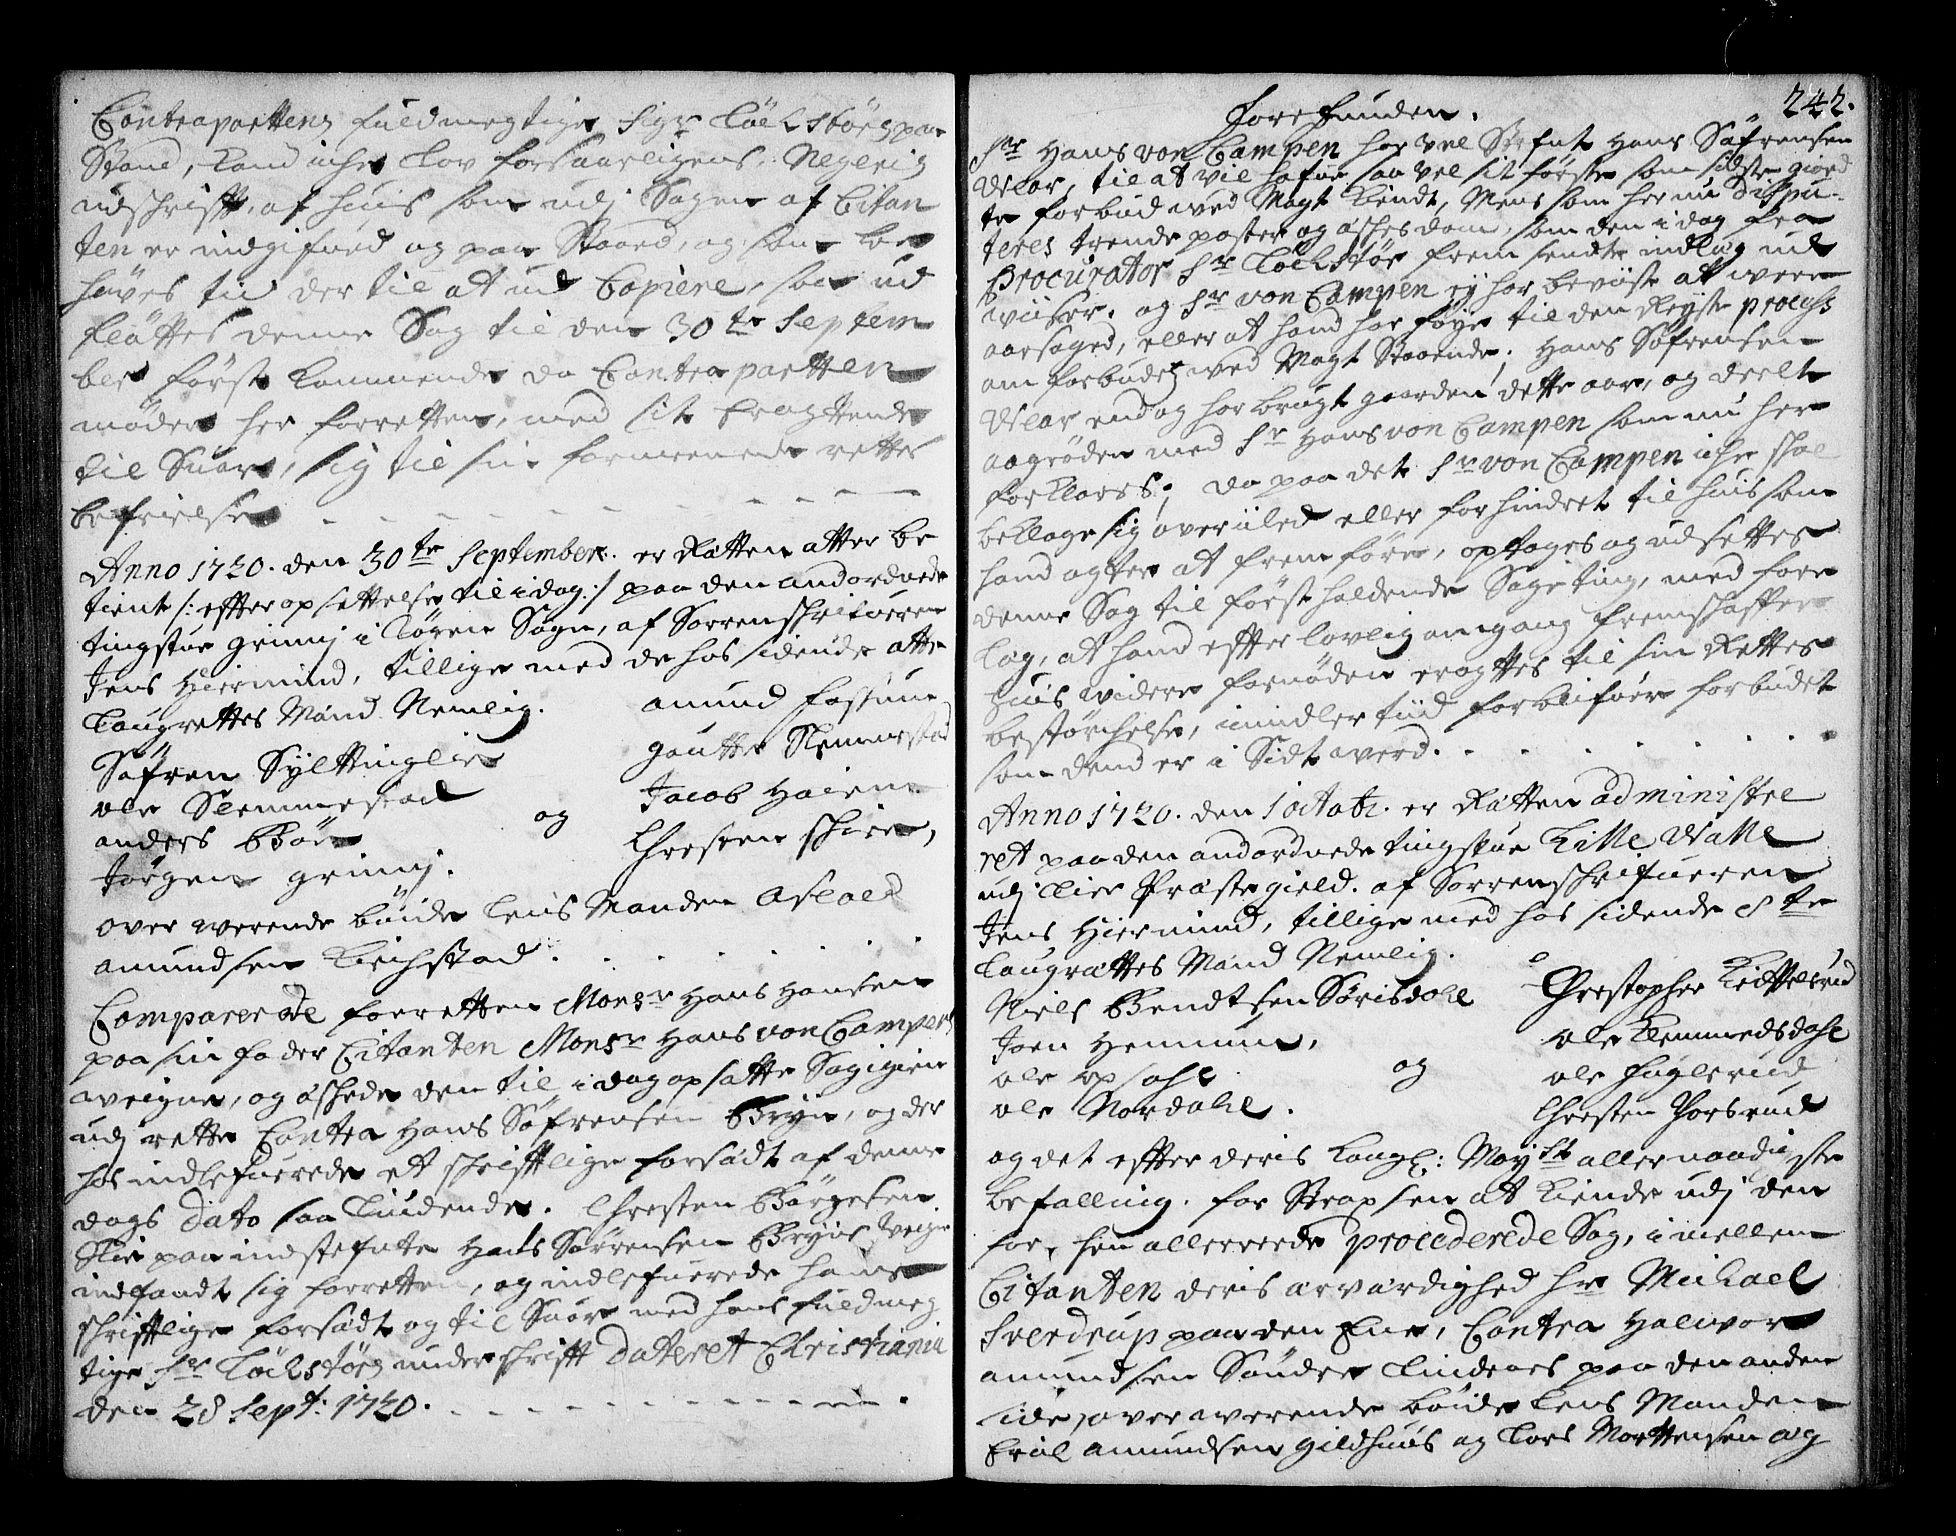 SAKO, Lier, Røyken og Hurum sorenskriveri, F/Fa/L0044: Tingbok, 1716-1721, s. 242